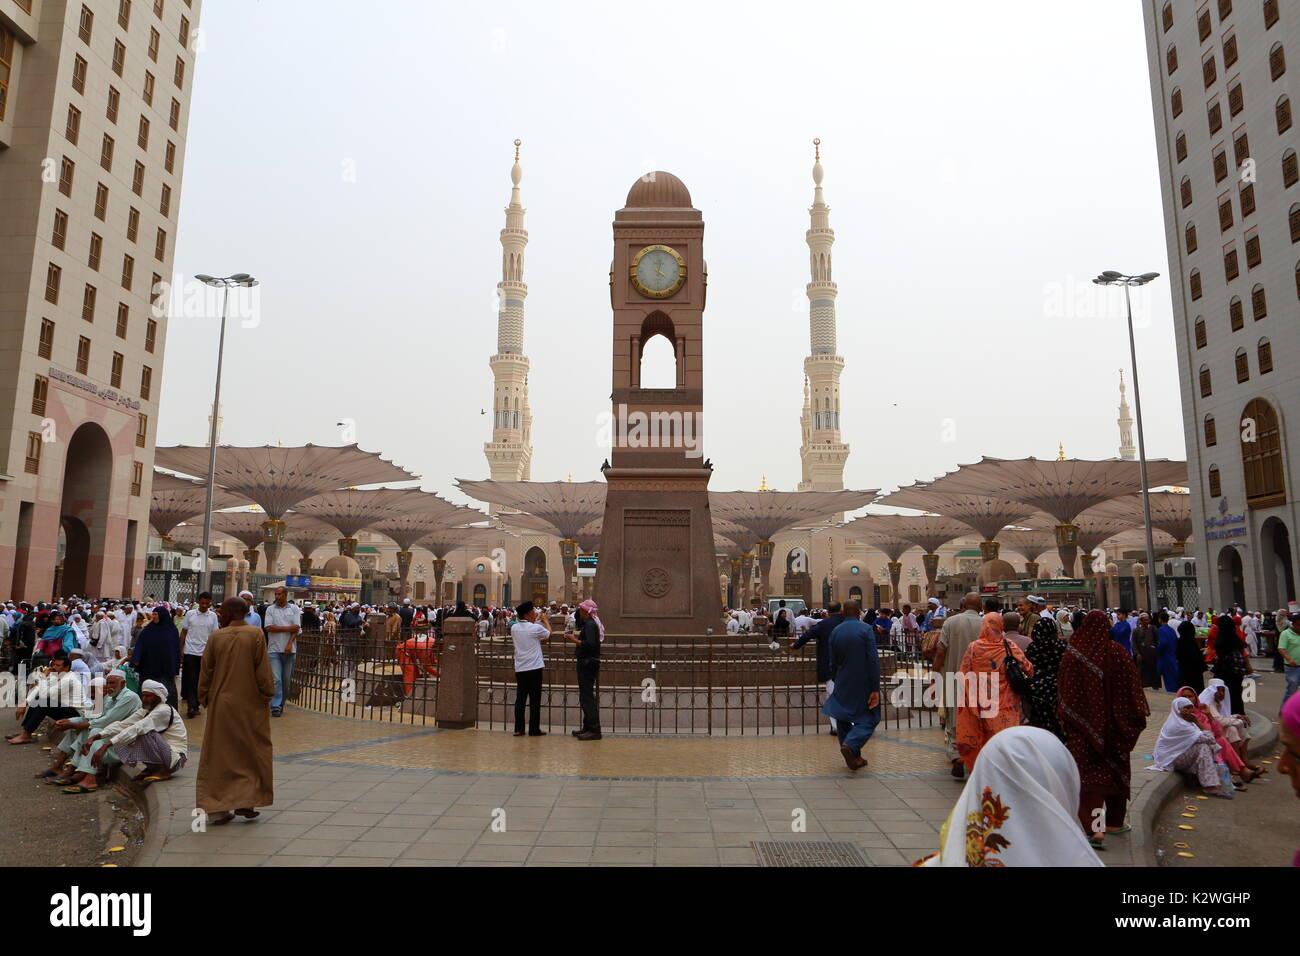 Clock tower at Medinah Munawara - Stock Image